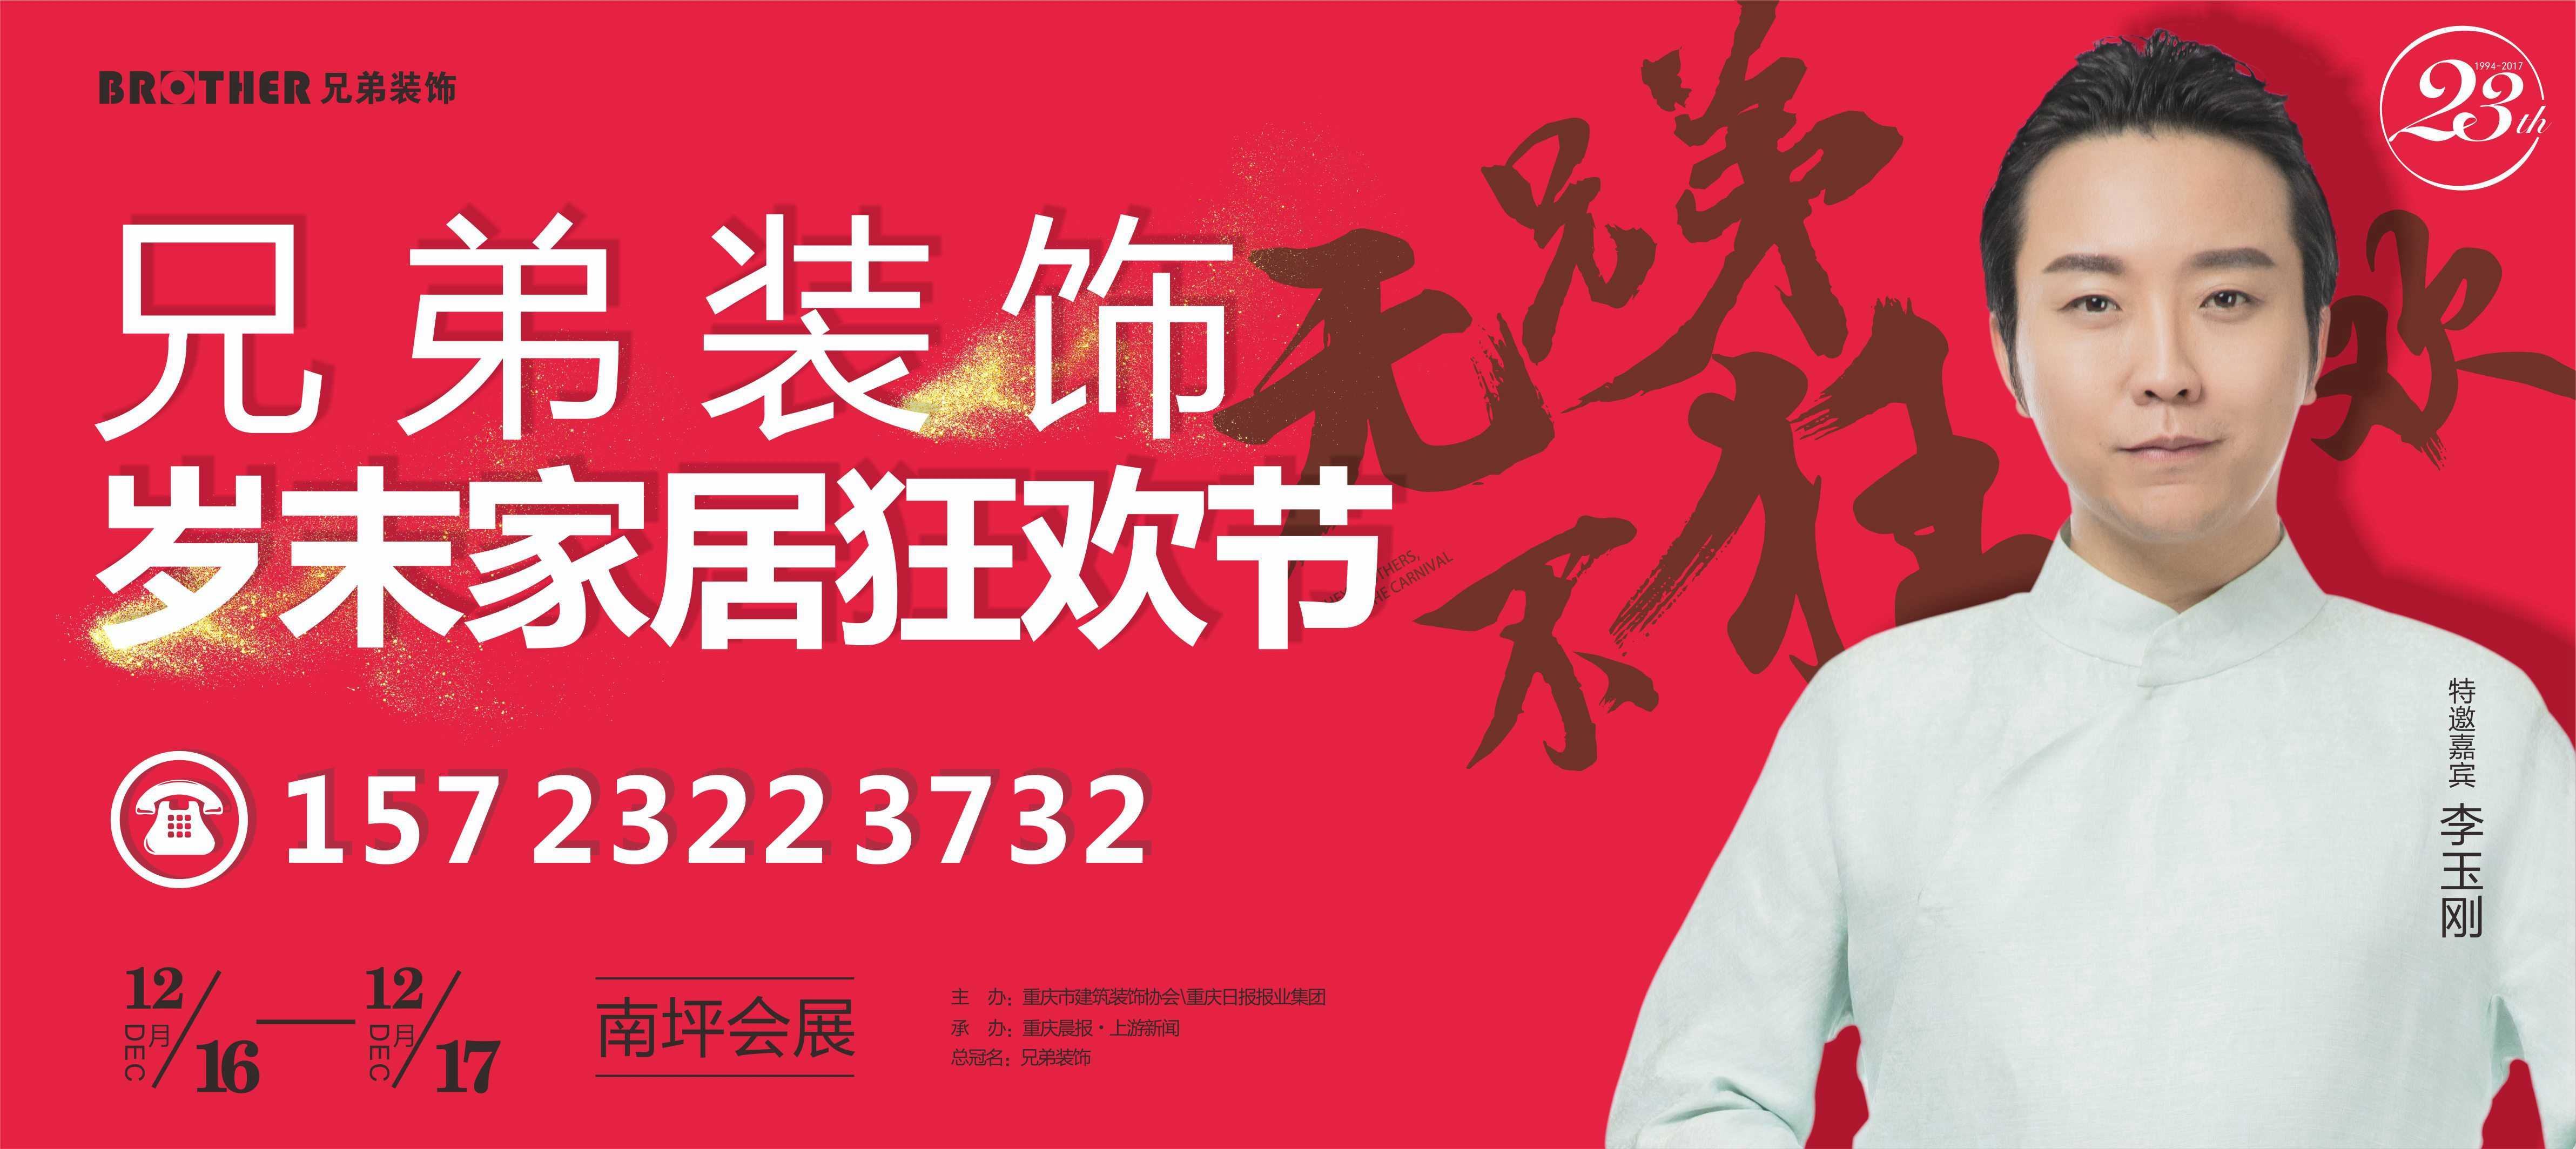 重庆兄弟装饰周年庆 兄弟装饰23周年庆地点南坪会展中心报名时间电话